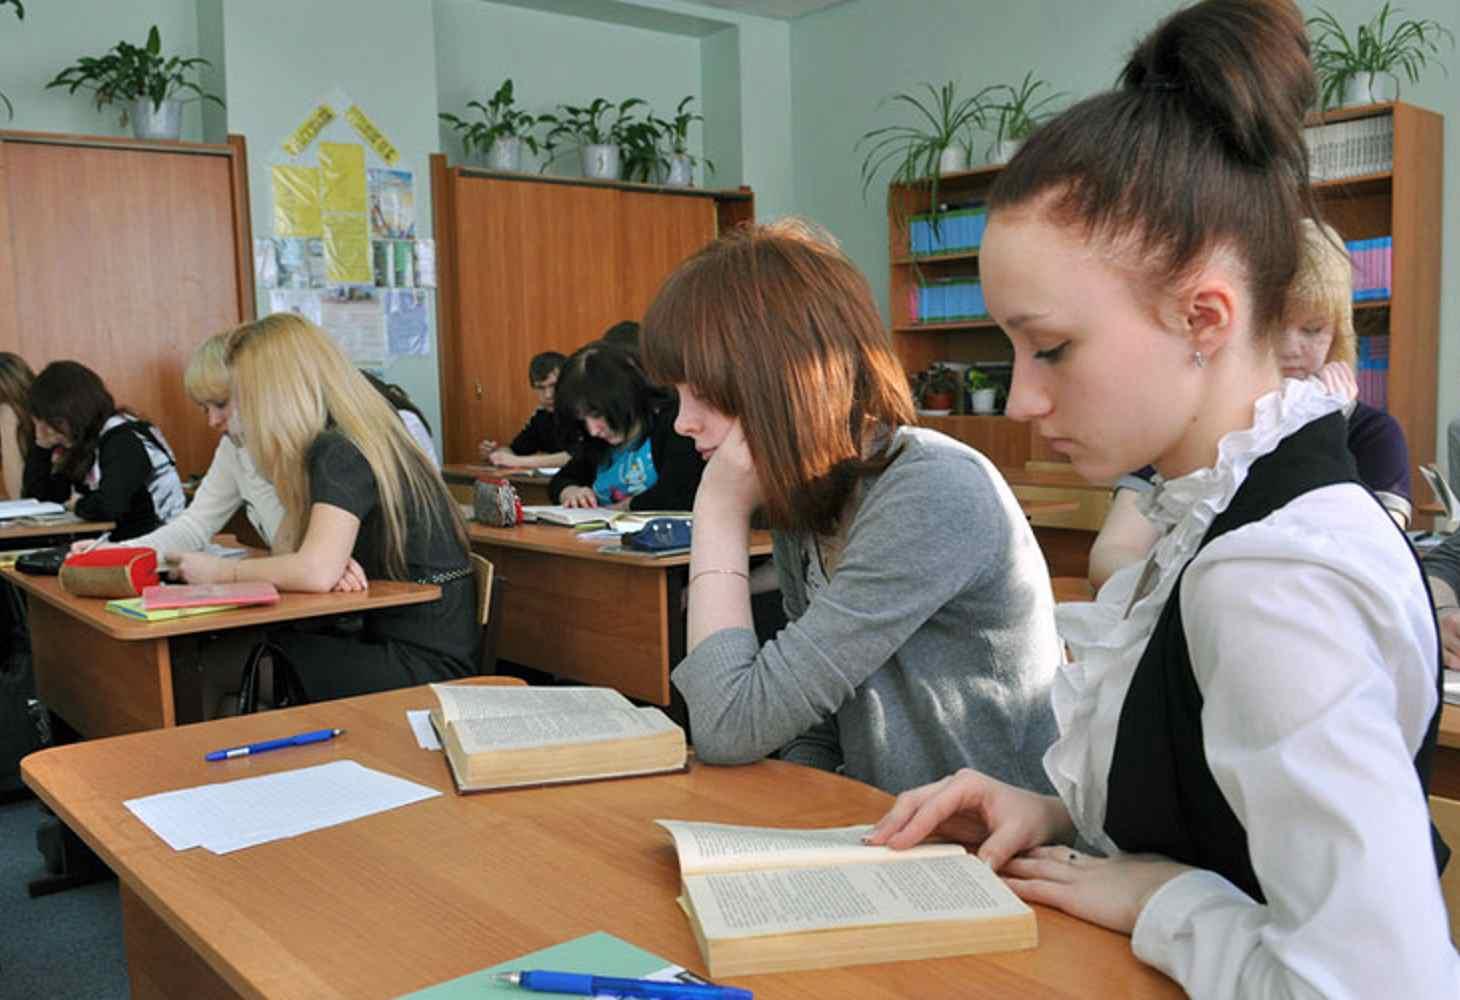 bolee-500-shkol-rossii-primut-uchastie-v-mezhdunarodnom-issledovanii-timss-2019